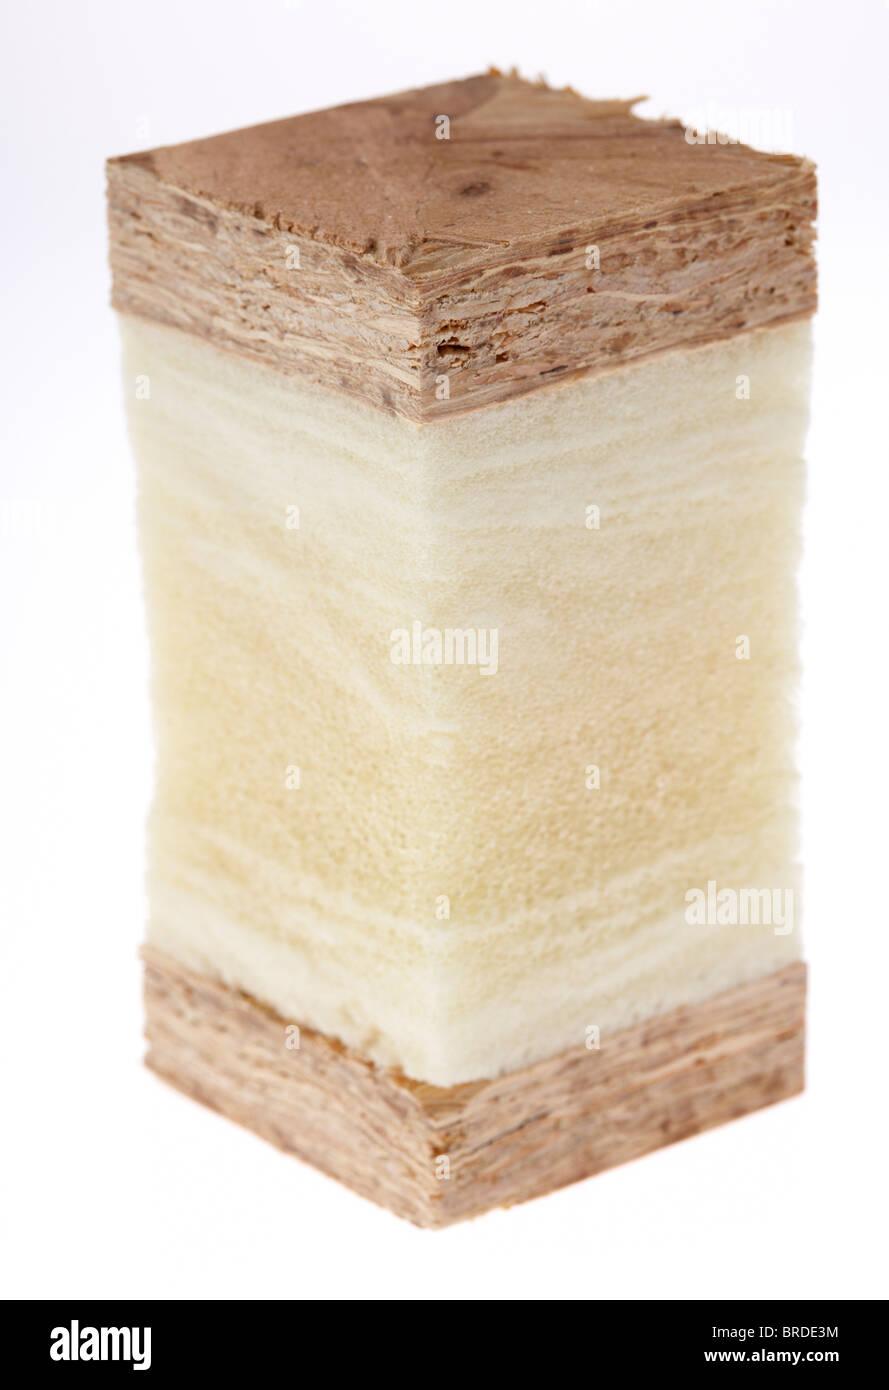 Schneiden Sie Querschnitt durch eine strukturelle isolierten Paneelen moderne isoliert Holzrahmenbau in Scheiben Stockbild